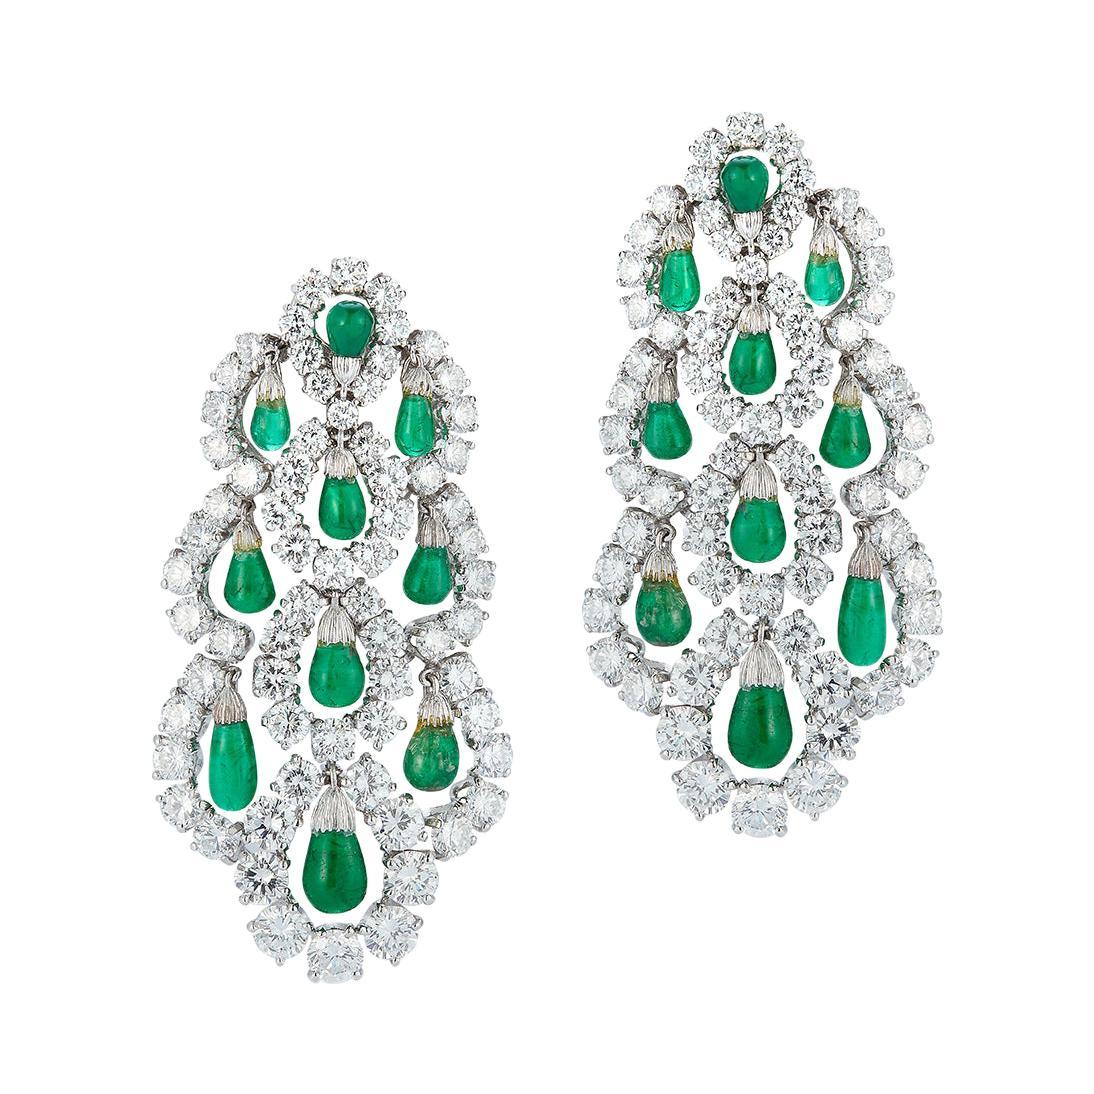 Van Cleef & Arpels Dangling Emerald & Diamond Earrings